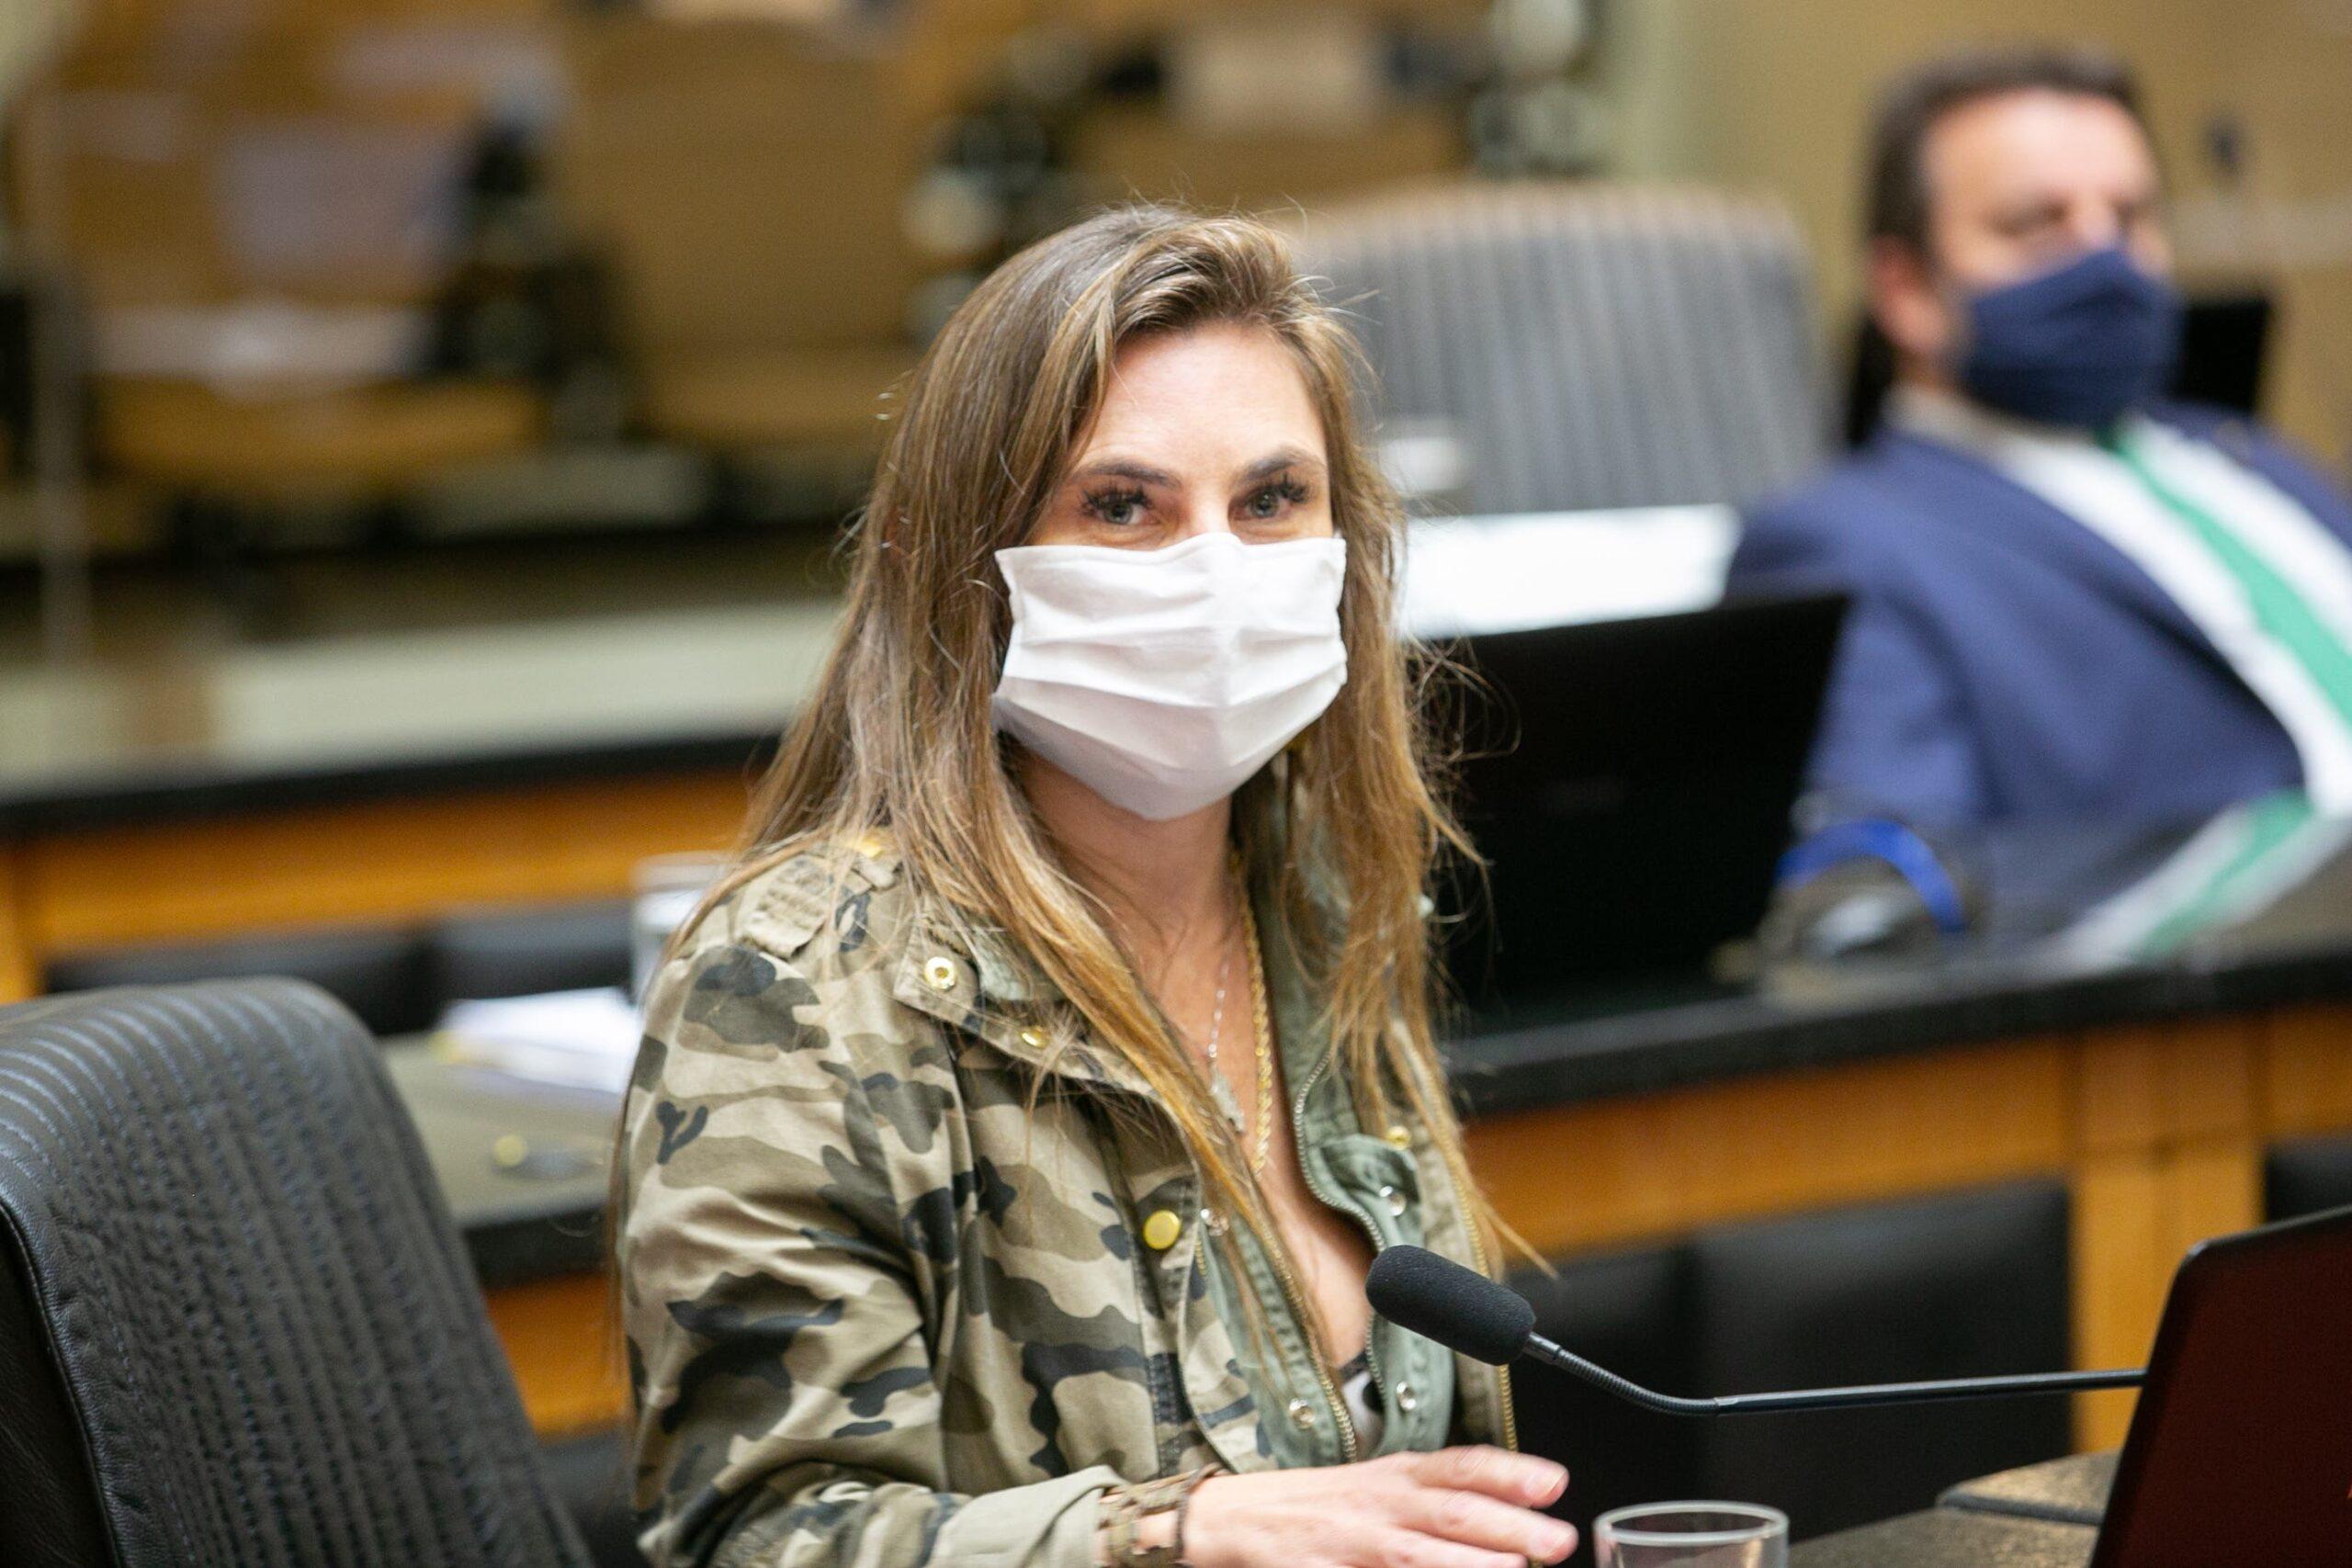 Mulher na POLÍTICA: Para a deputada Paulinha, a mulher tem que assumir o seu papel de protagonista na vida pública